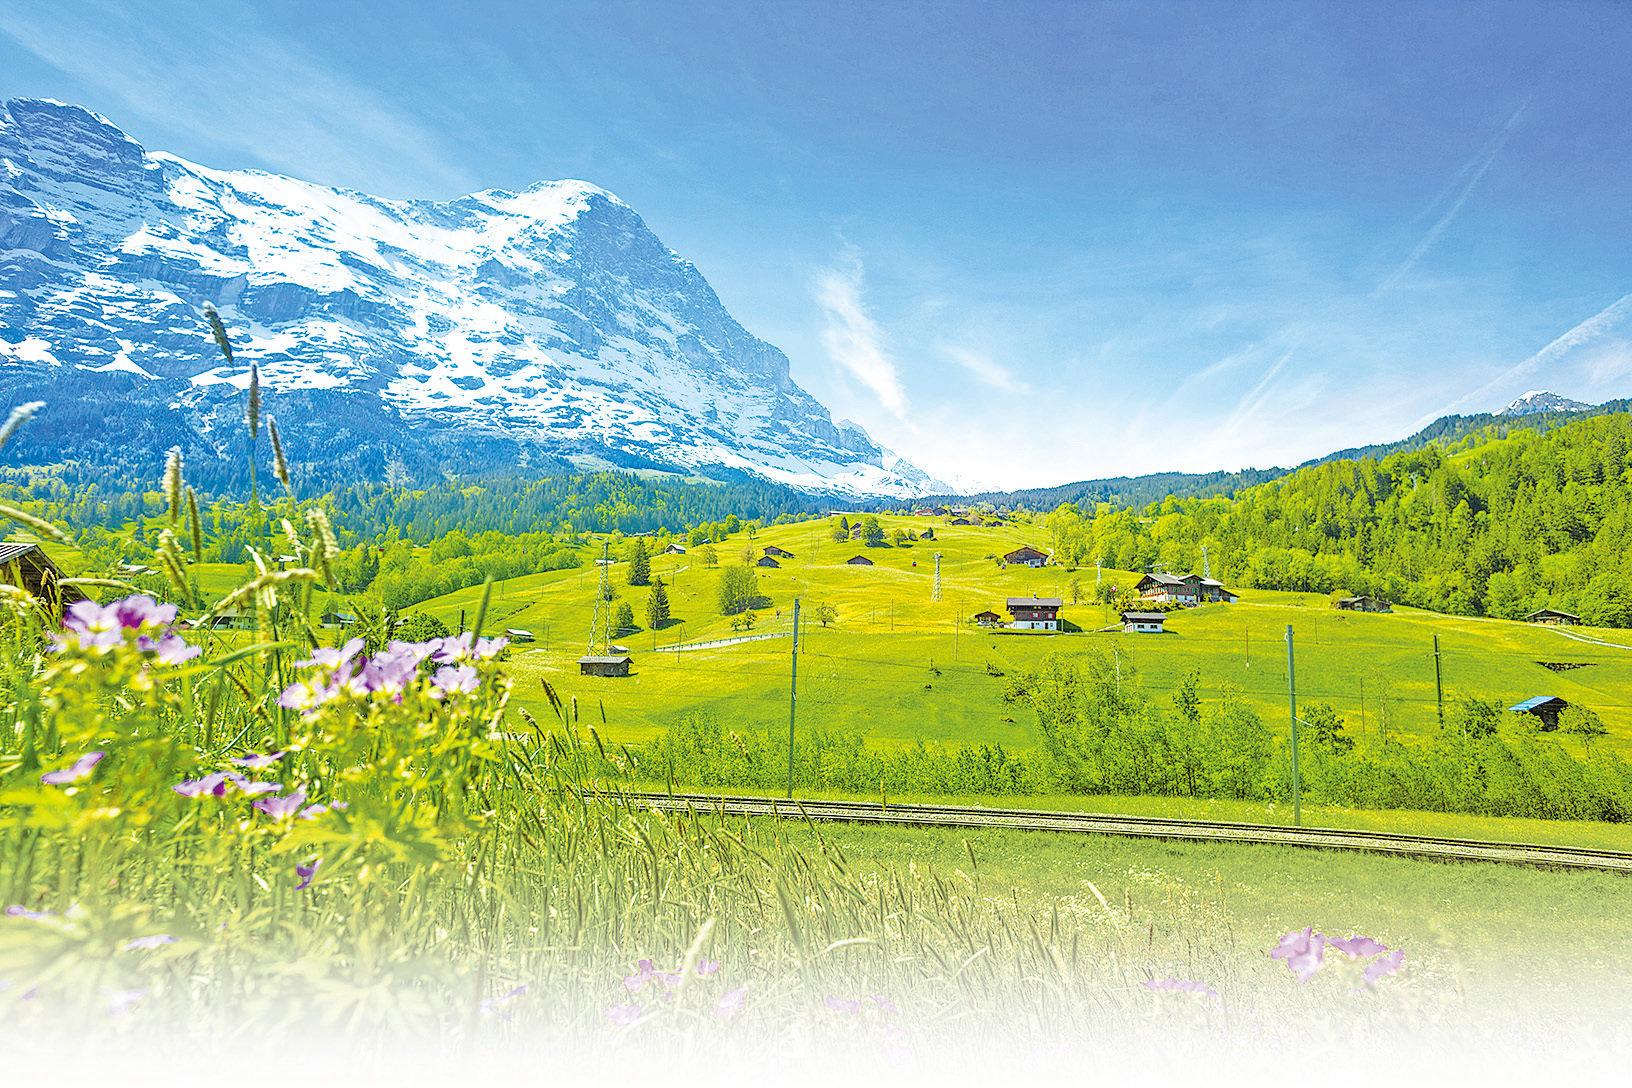 阿爾卑斯山冰川正在快速消失。(Fotolia)